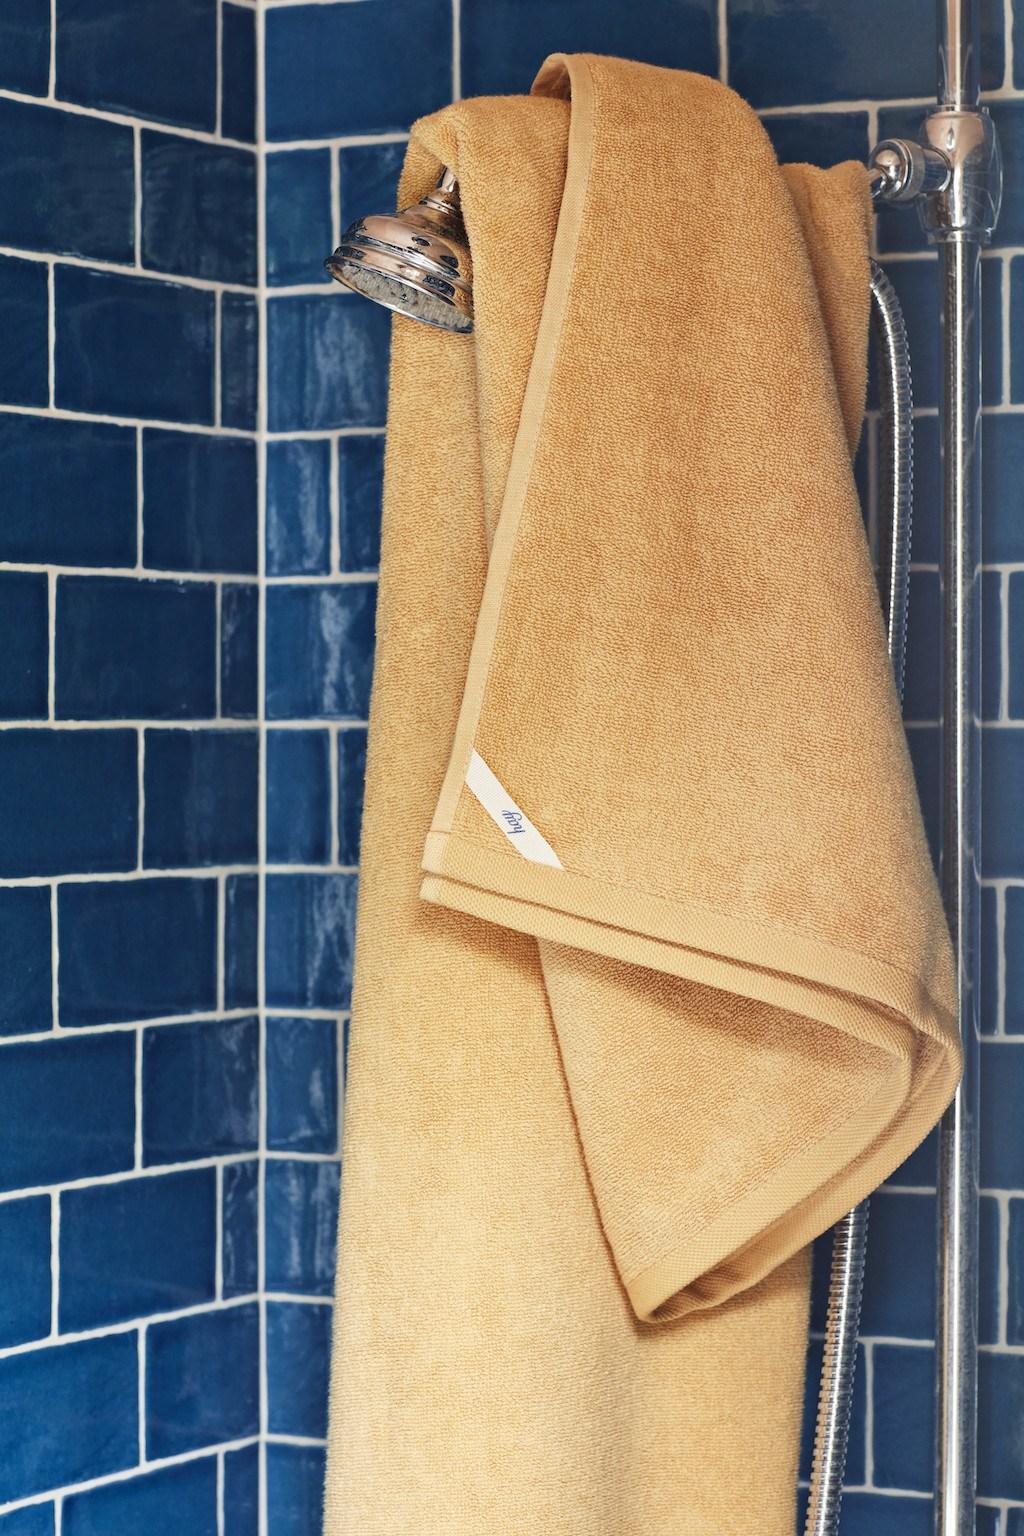 Gelbes Handruch über Duschkopf gehängt. Wände gefliest mit blauen Metrofliesen.